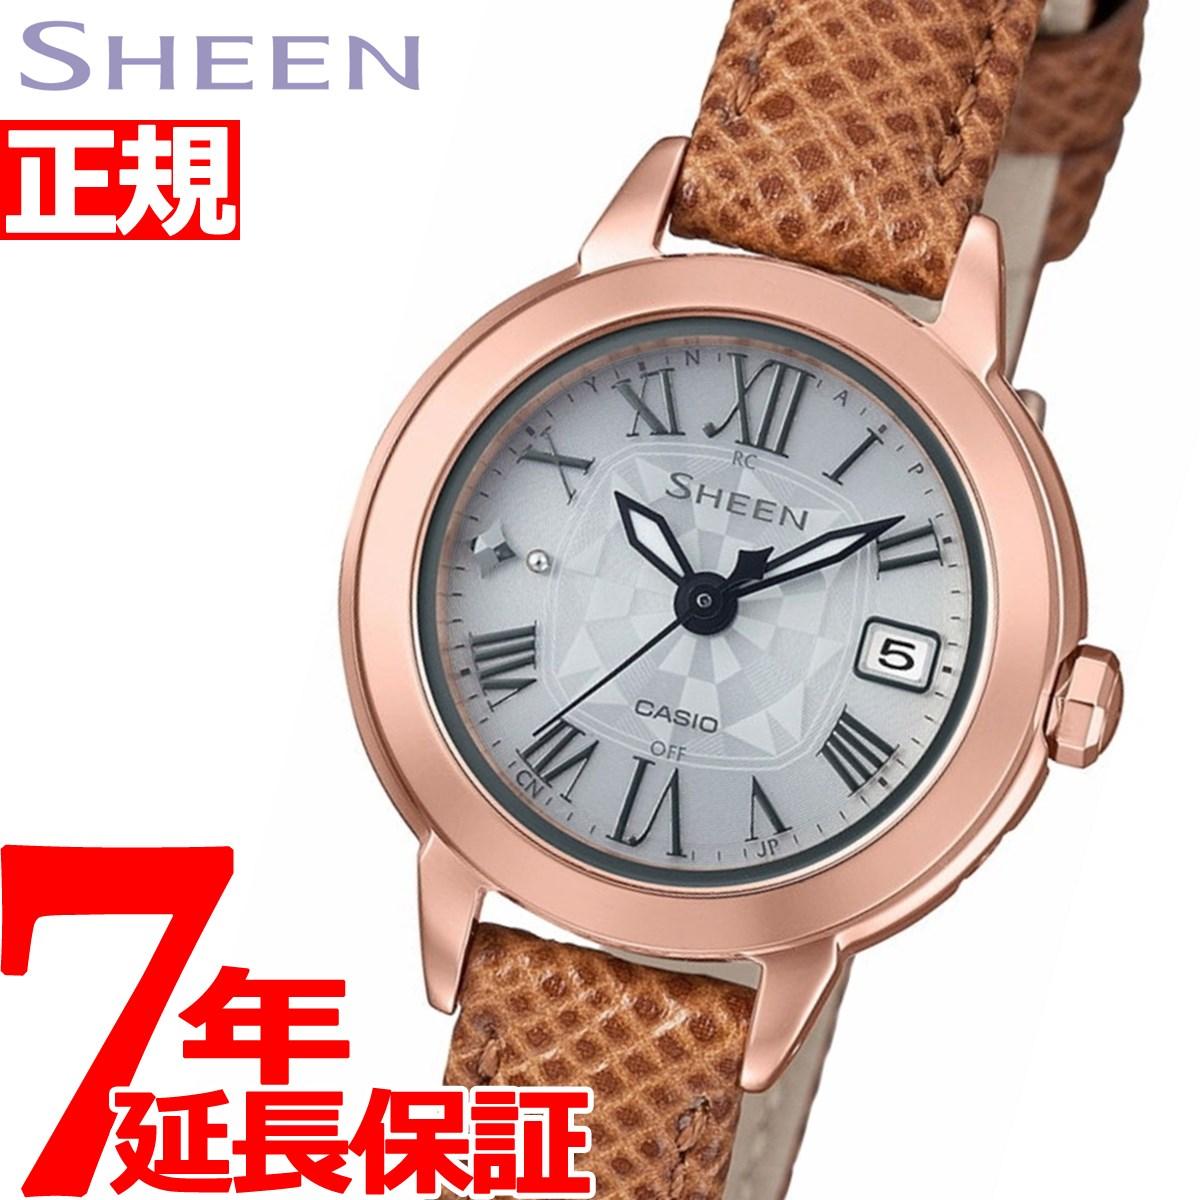 カシオ シーン CASIO SHEEN 電波 ソーラー 電波時計 腕時計 レディース SHW-5000PGL-7AJF【2018 新作】